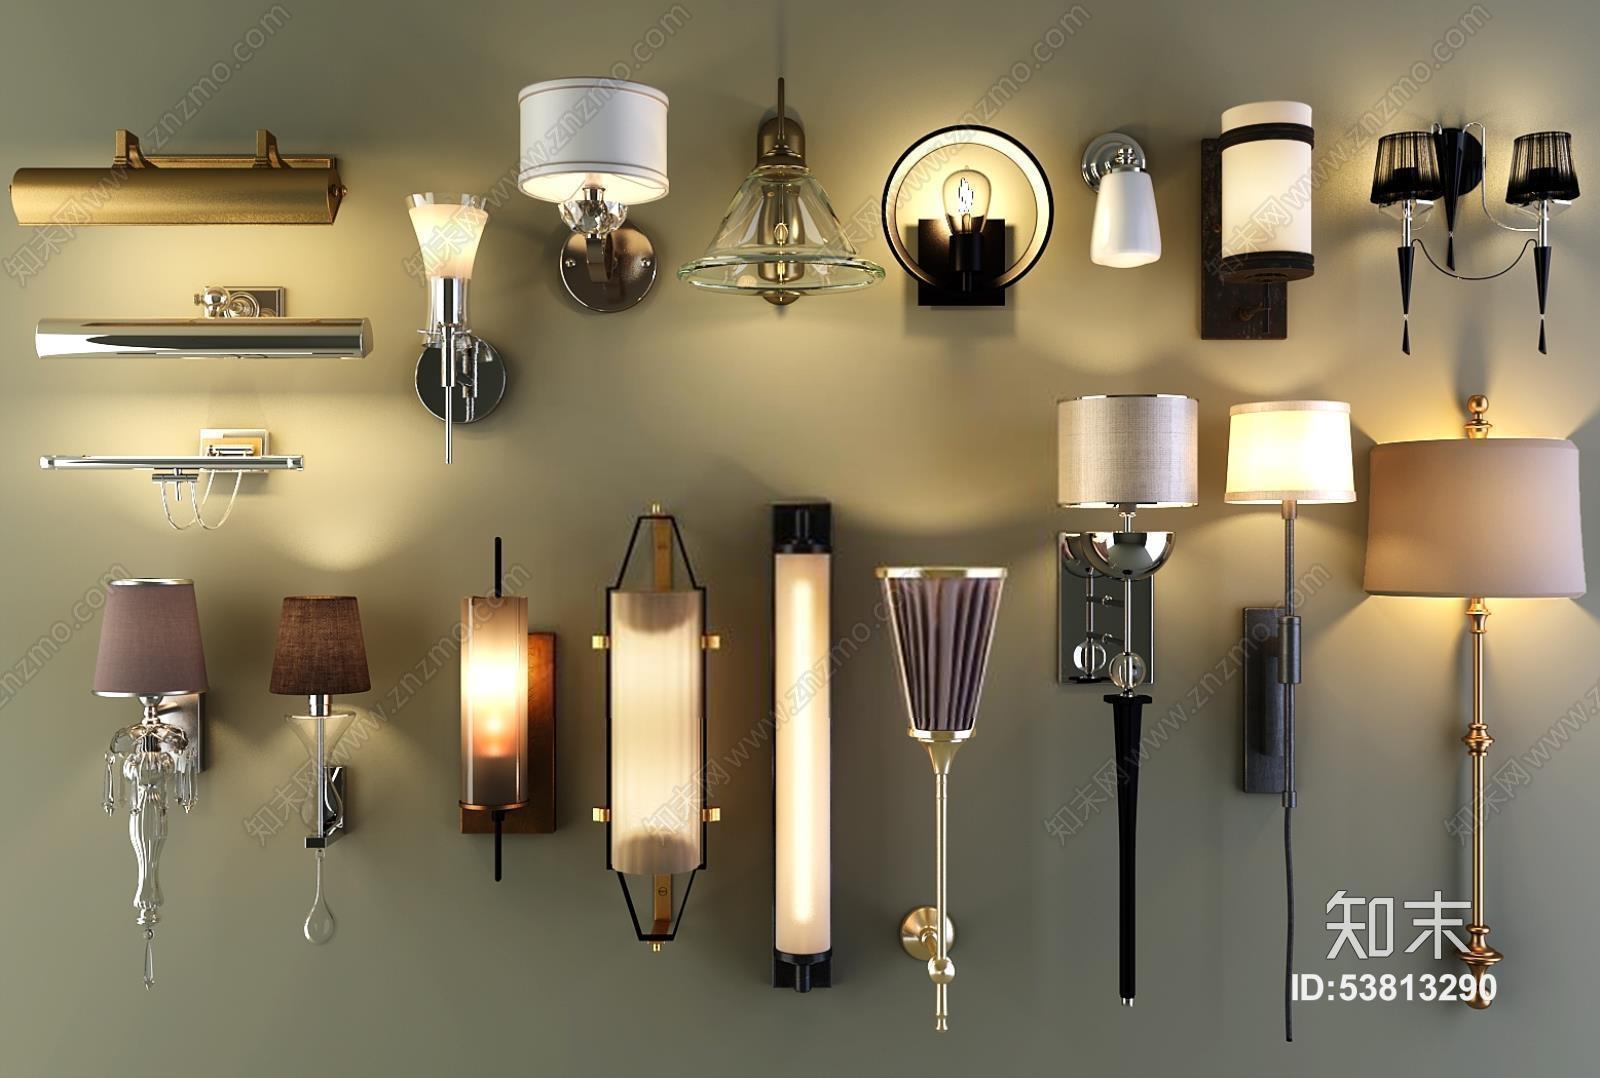 壁灯镜前灯双头单头壁灯组合 壁灯 双头灯 单头灯